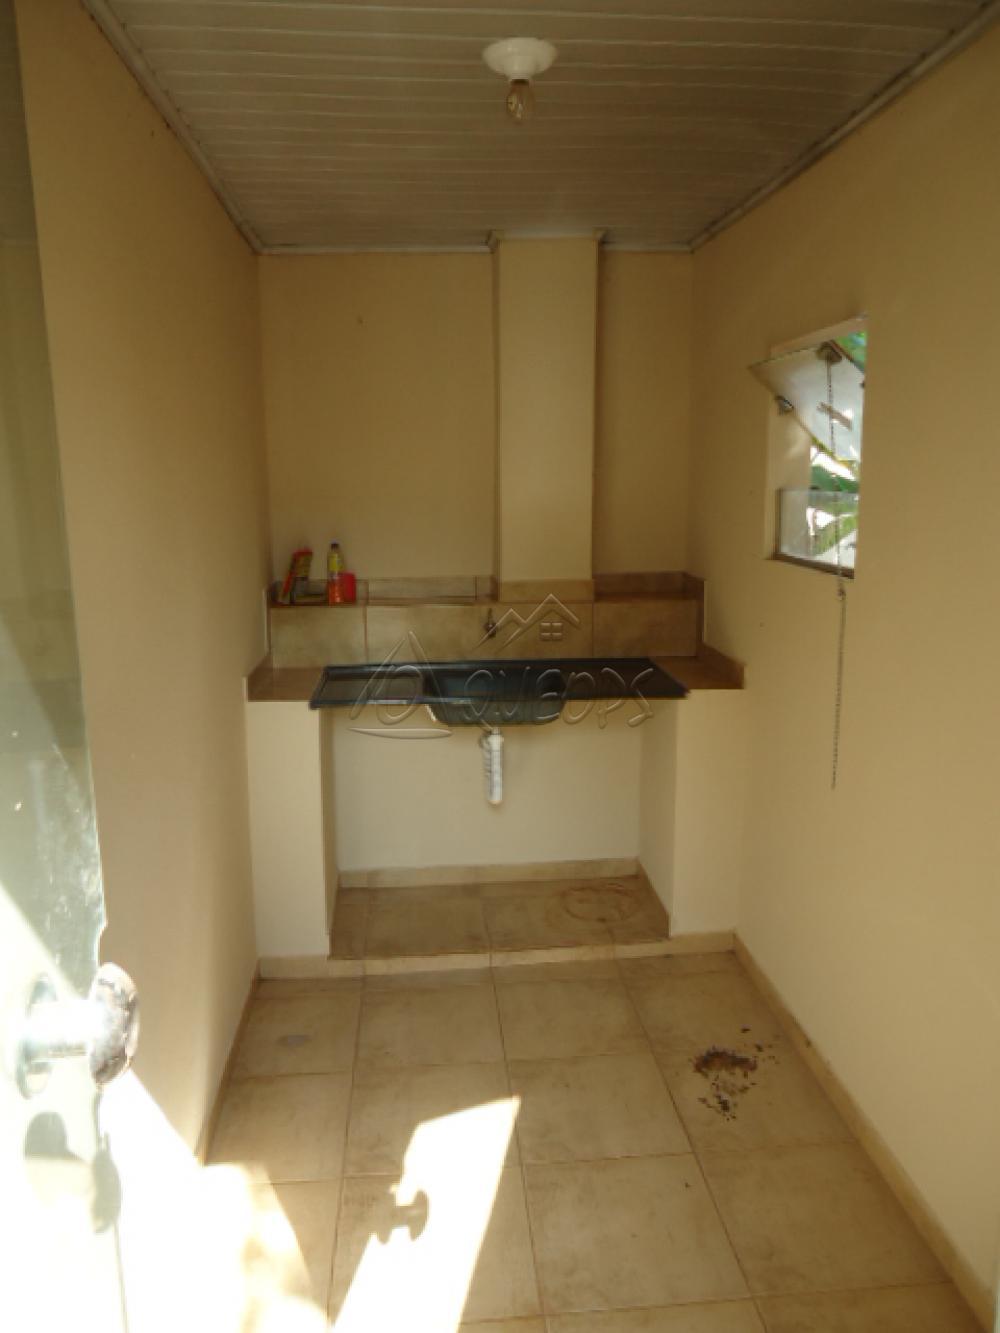 Alugar Casa / Padrão em Barretos apenas R$ 5.000,00 - Foto 13